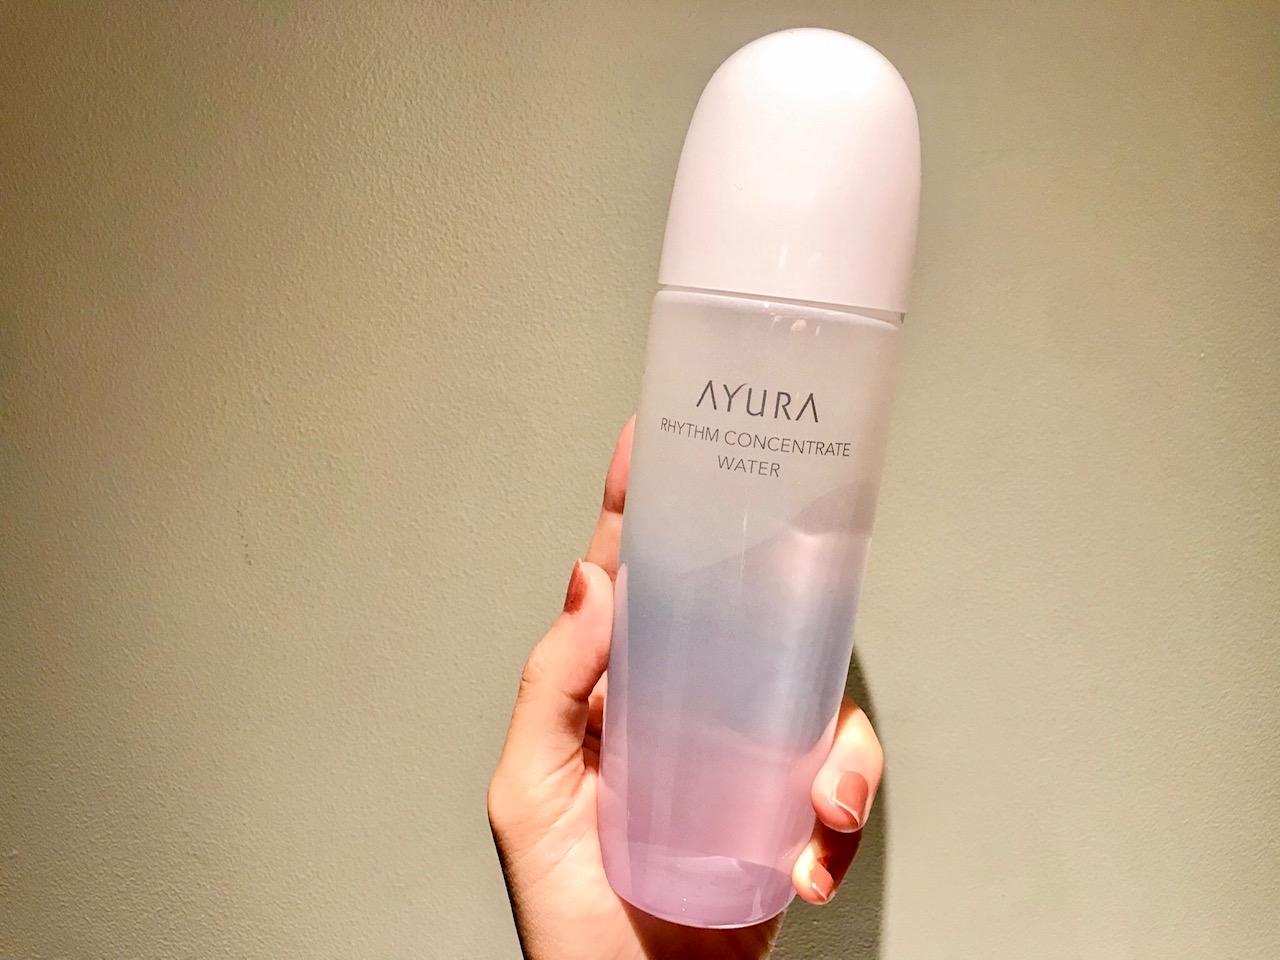 乾燥、肌荒れ、くすみにアプローチ! 『アユーラ』新商品の超保湿化粧水が、大容量で癒し効果も抜群♡_1